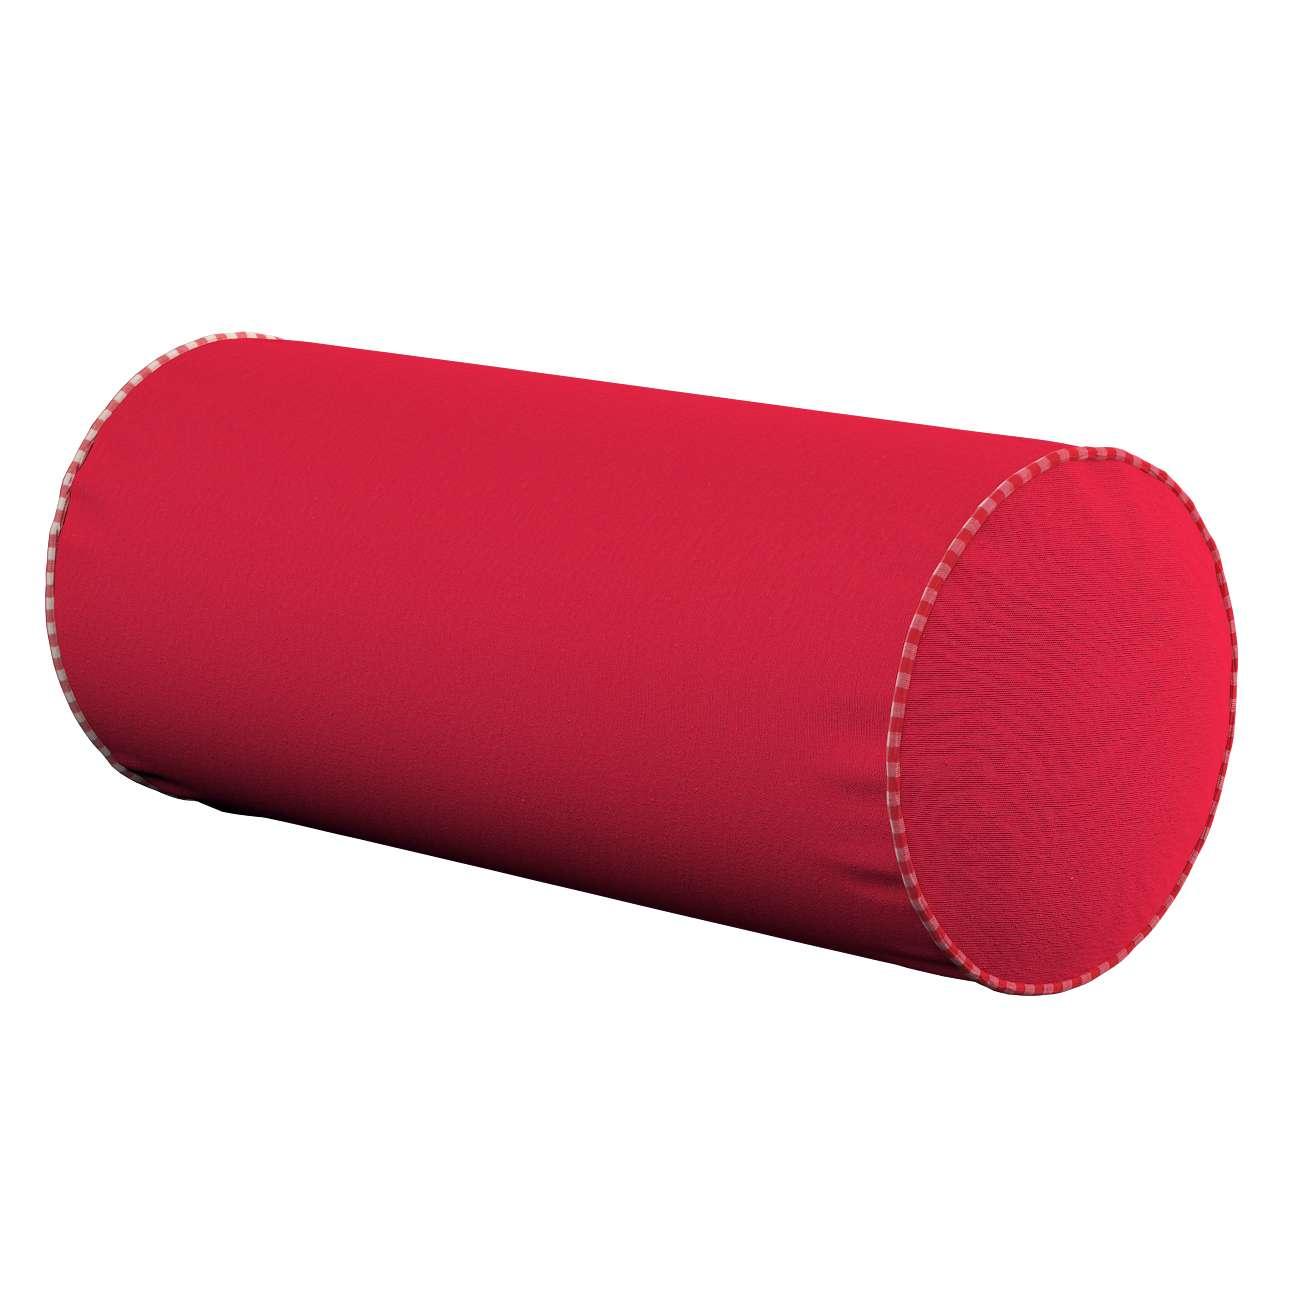 Ritinio formos  pagalvėlė Ø 16 x 40 cm (6 x 16 inch) kolekcijoje Quadro, audinys: 136-19